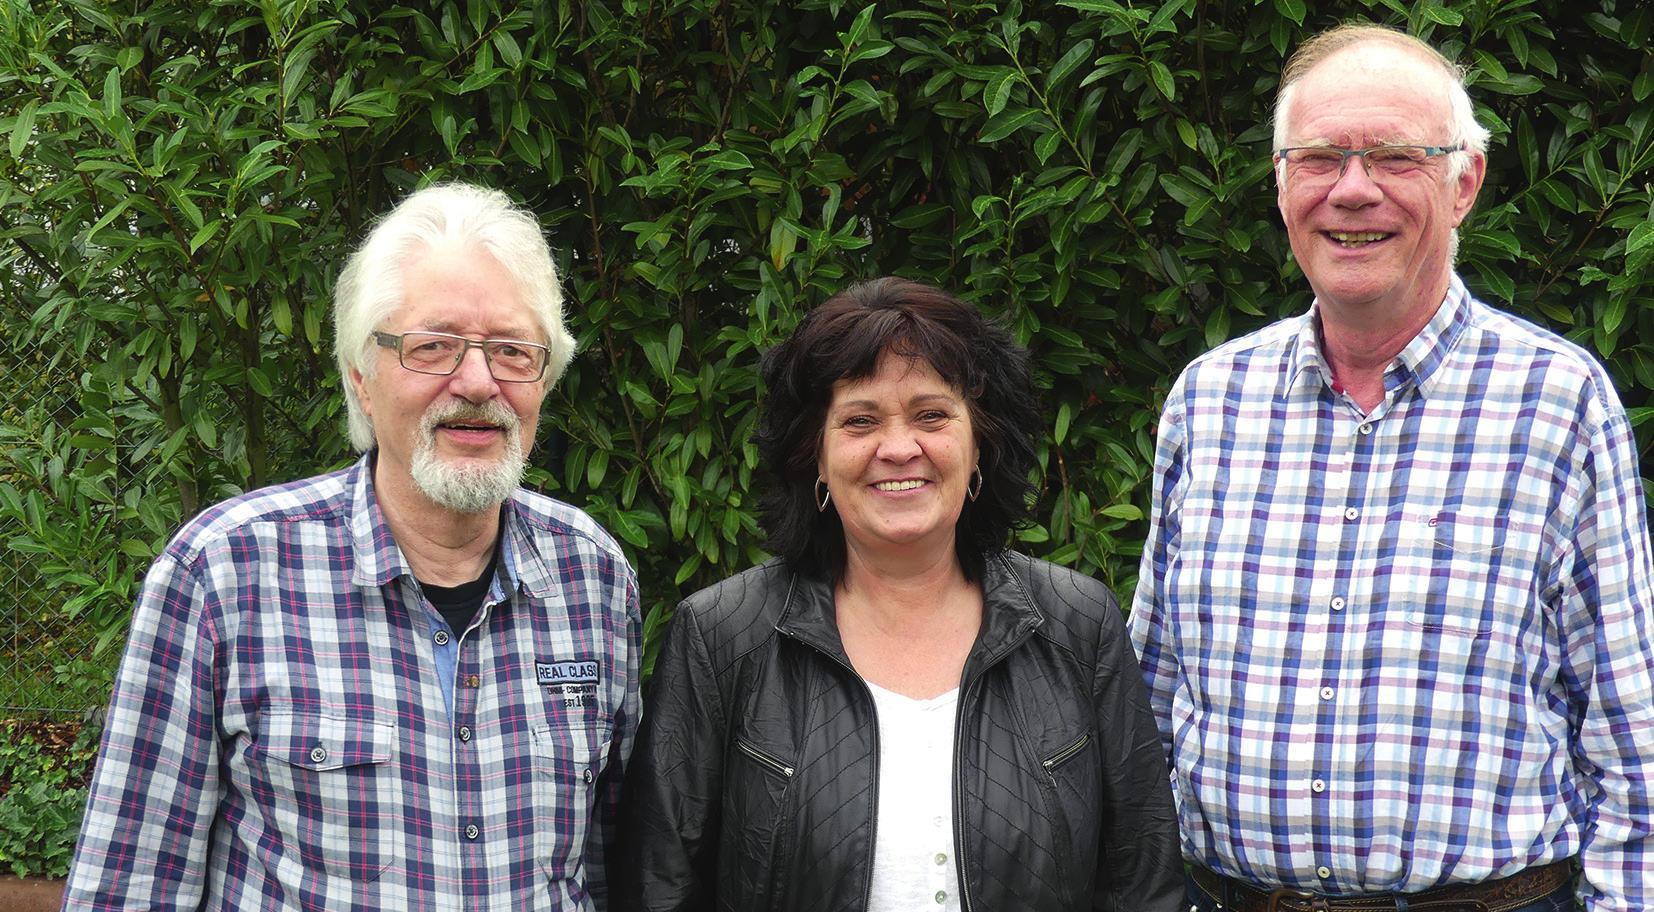 Wilhelm Maesmanns (links), Ulrike Nölke und Rolf Dürkop haben bei den Chorproben viel Spaß und freuen sich über neue Kollegen.